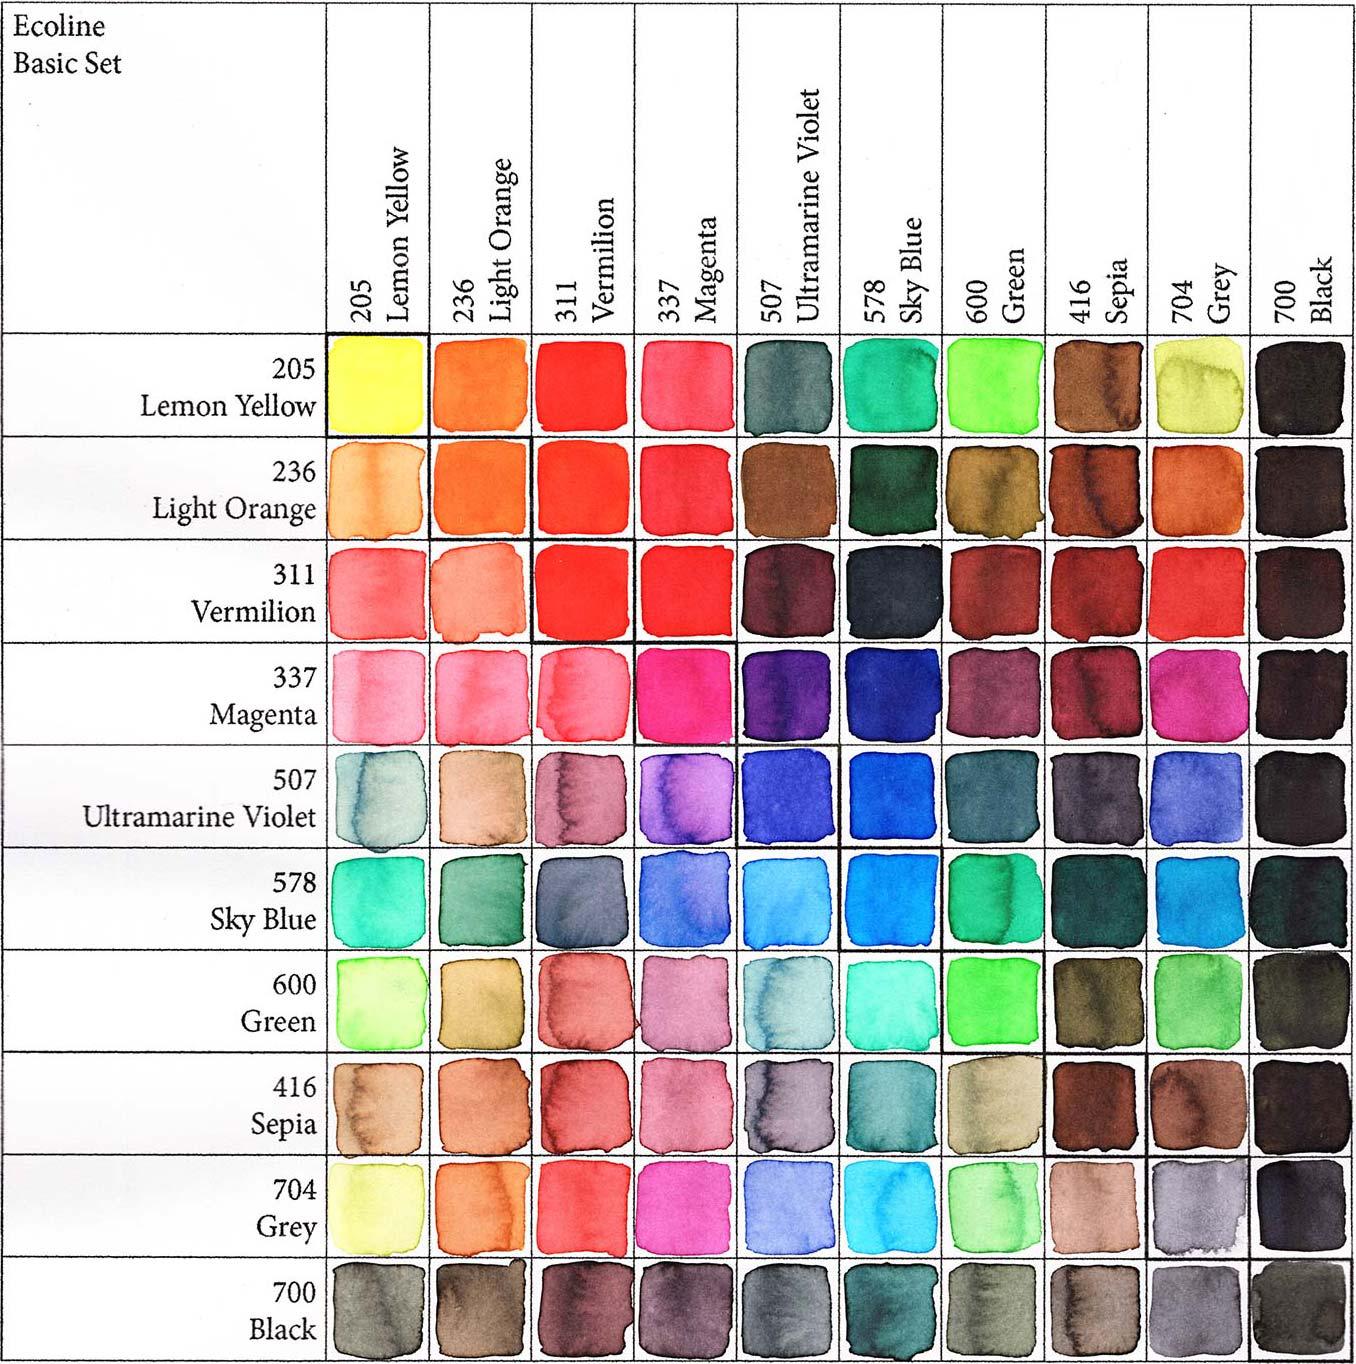 Lerne Deine Farben Kennen